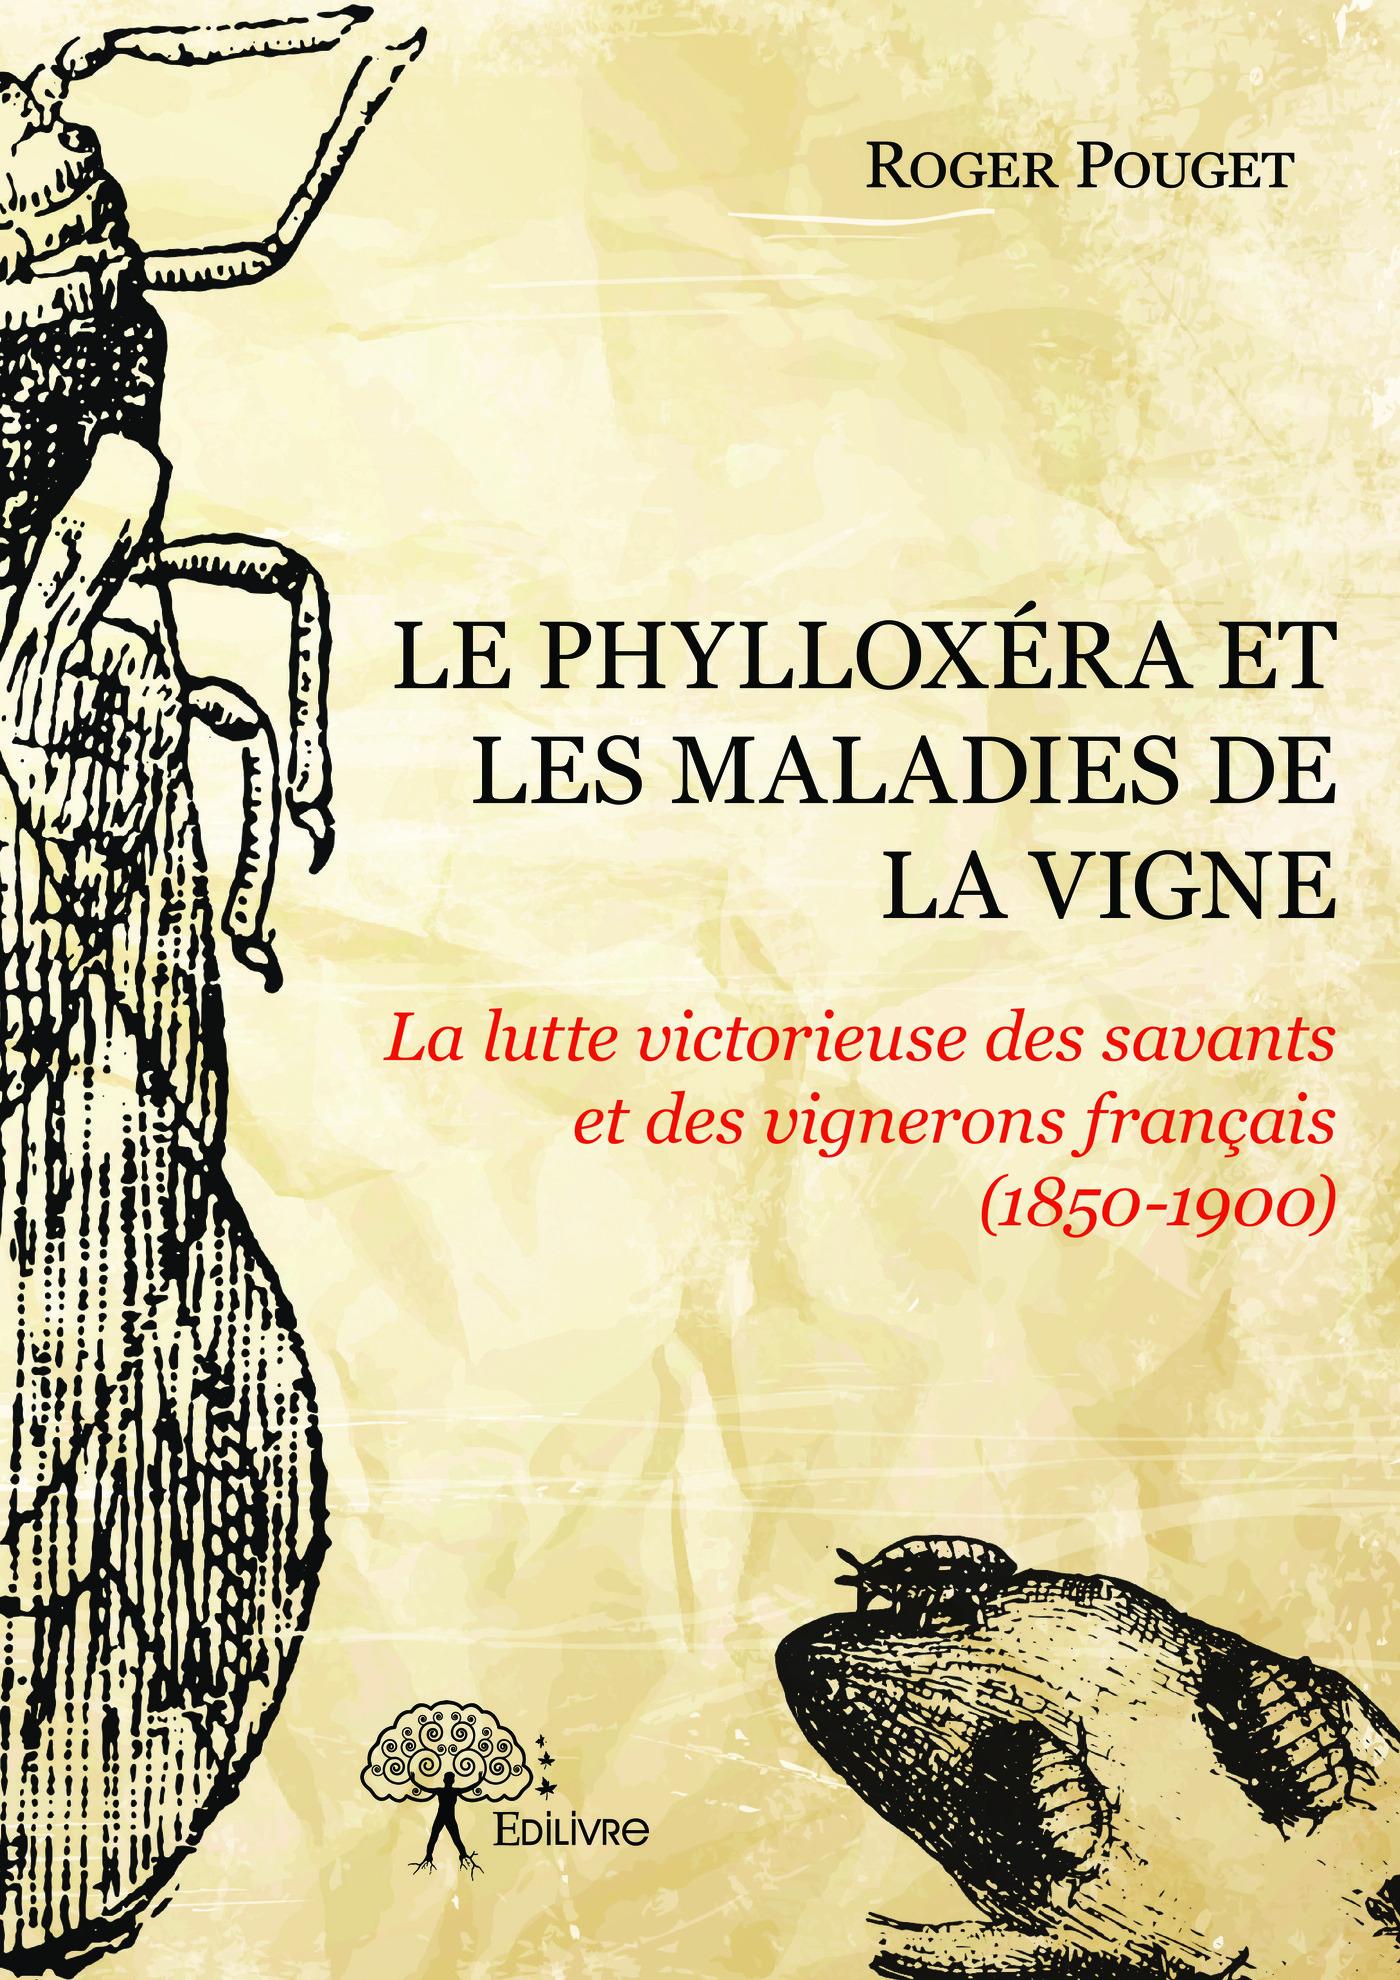 Le Phylloxéra et les maladies de la vigne